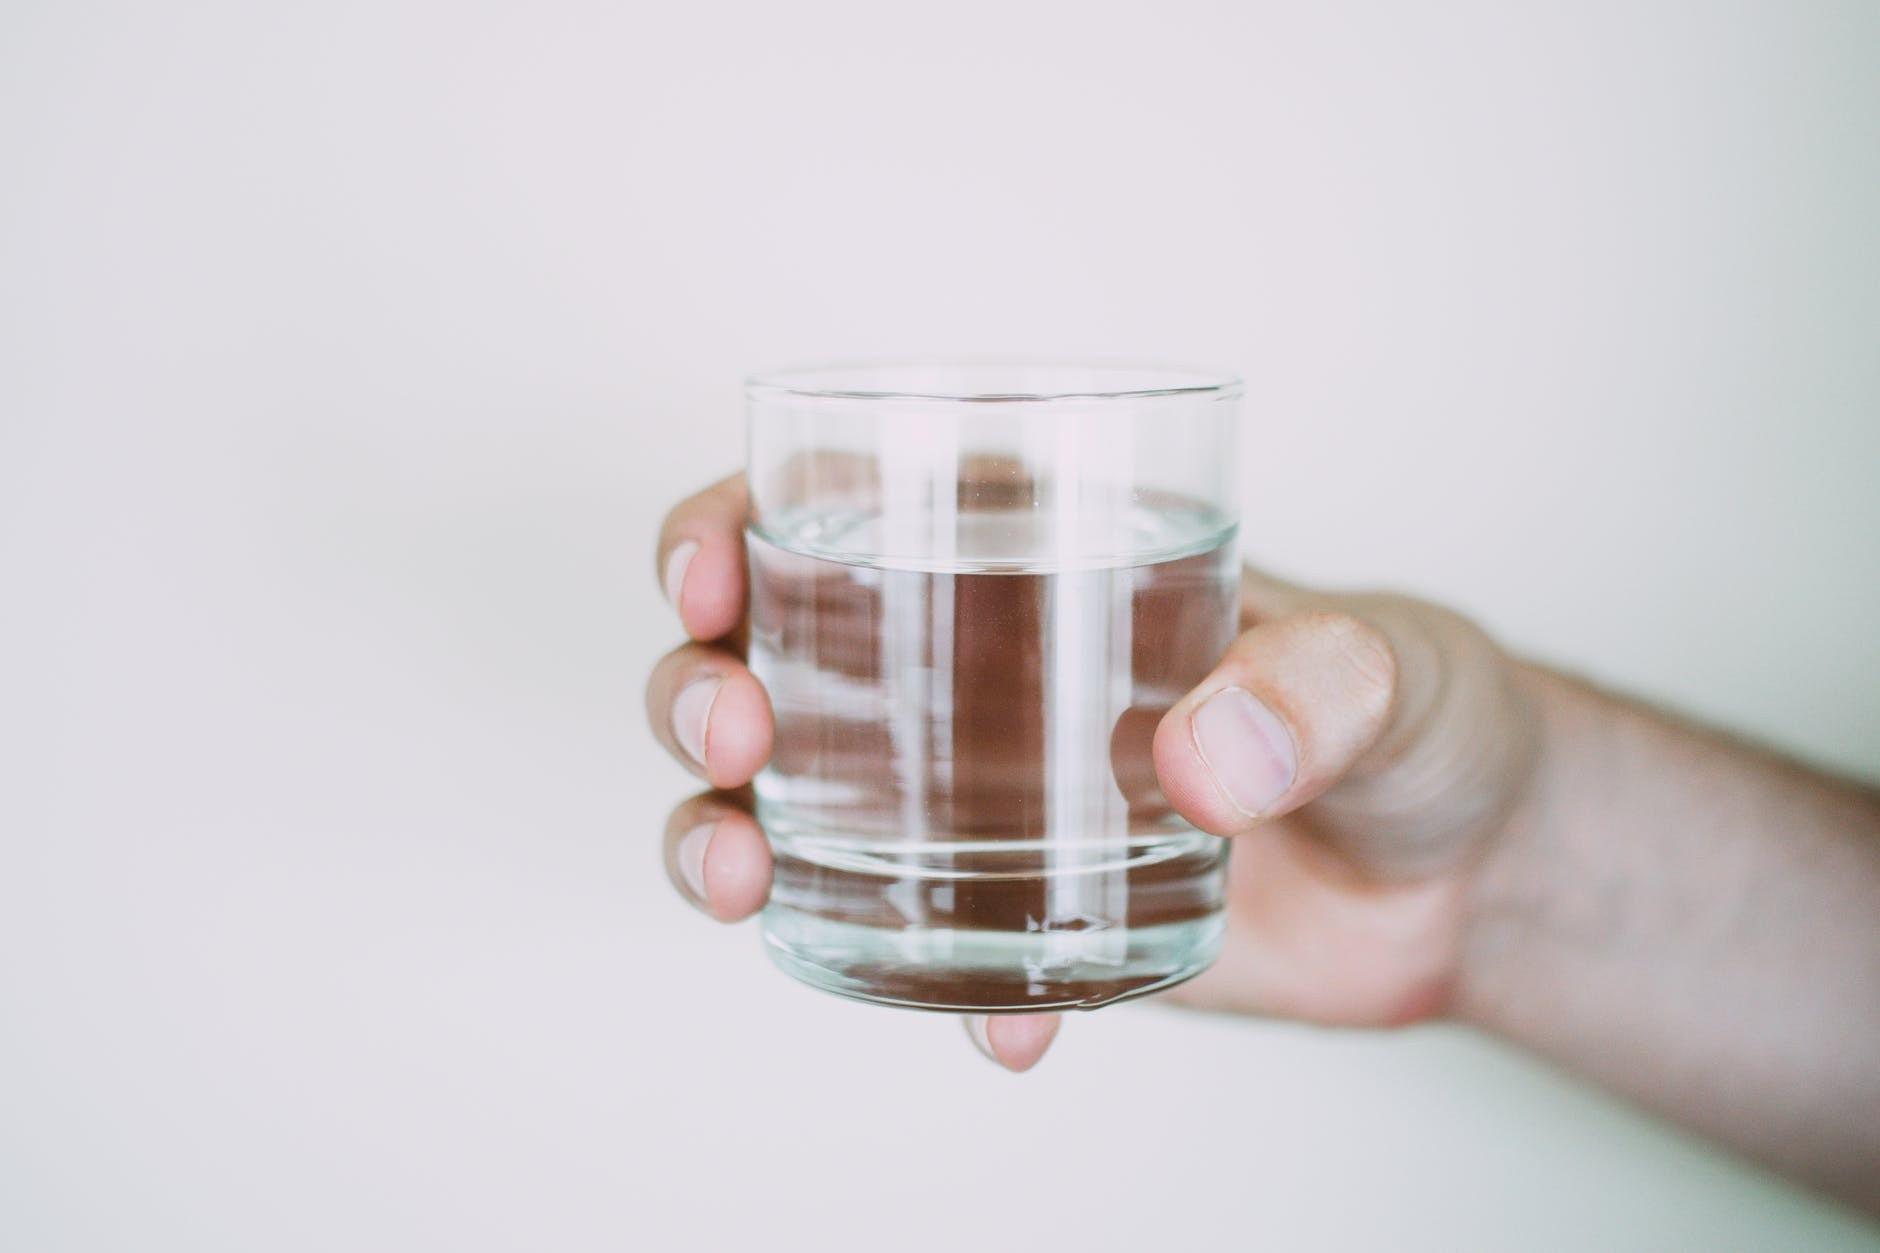 解决喝水难题,iSpring爱诗普霖,你身边的小水库!